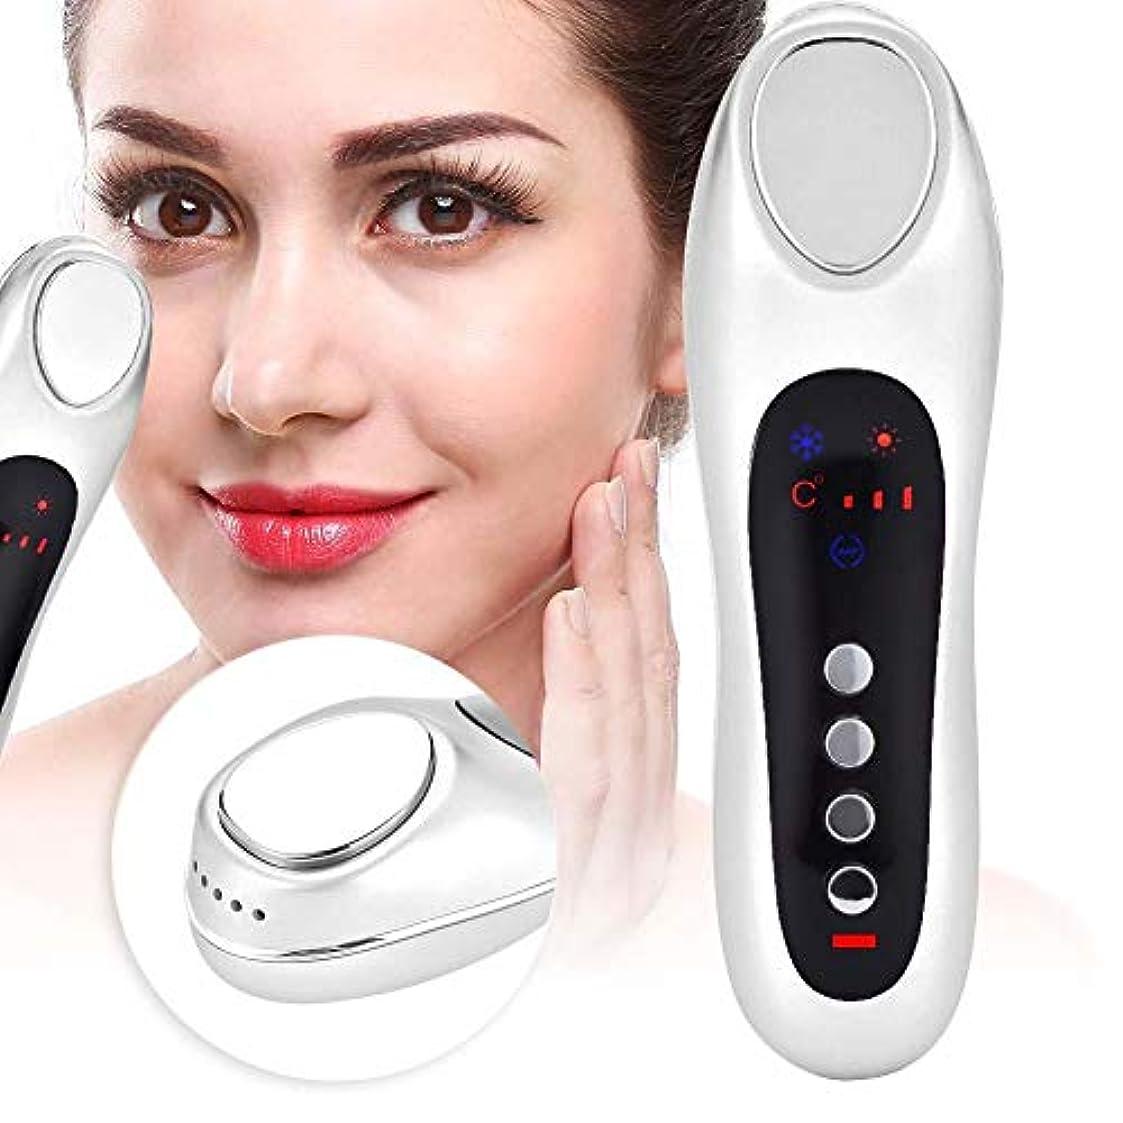 額フォームシソーラスLEDレッドライトスキンケアマッサージャー美容機器、フェイシャルクレンジング&ファーミングマッサージクレンジングのための審美的デバイス、若返り、スムース&ファームスキン(White)